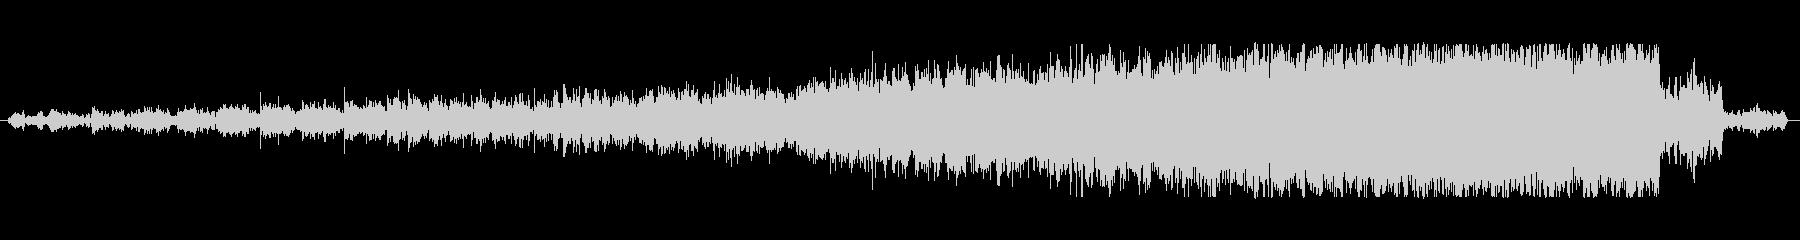 上昇 テープマシンノイズスピンアップ02の未再生の波形